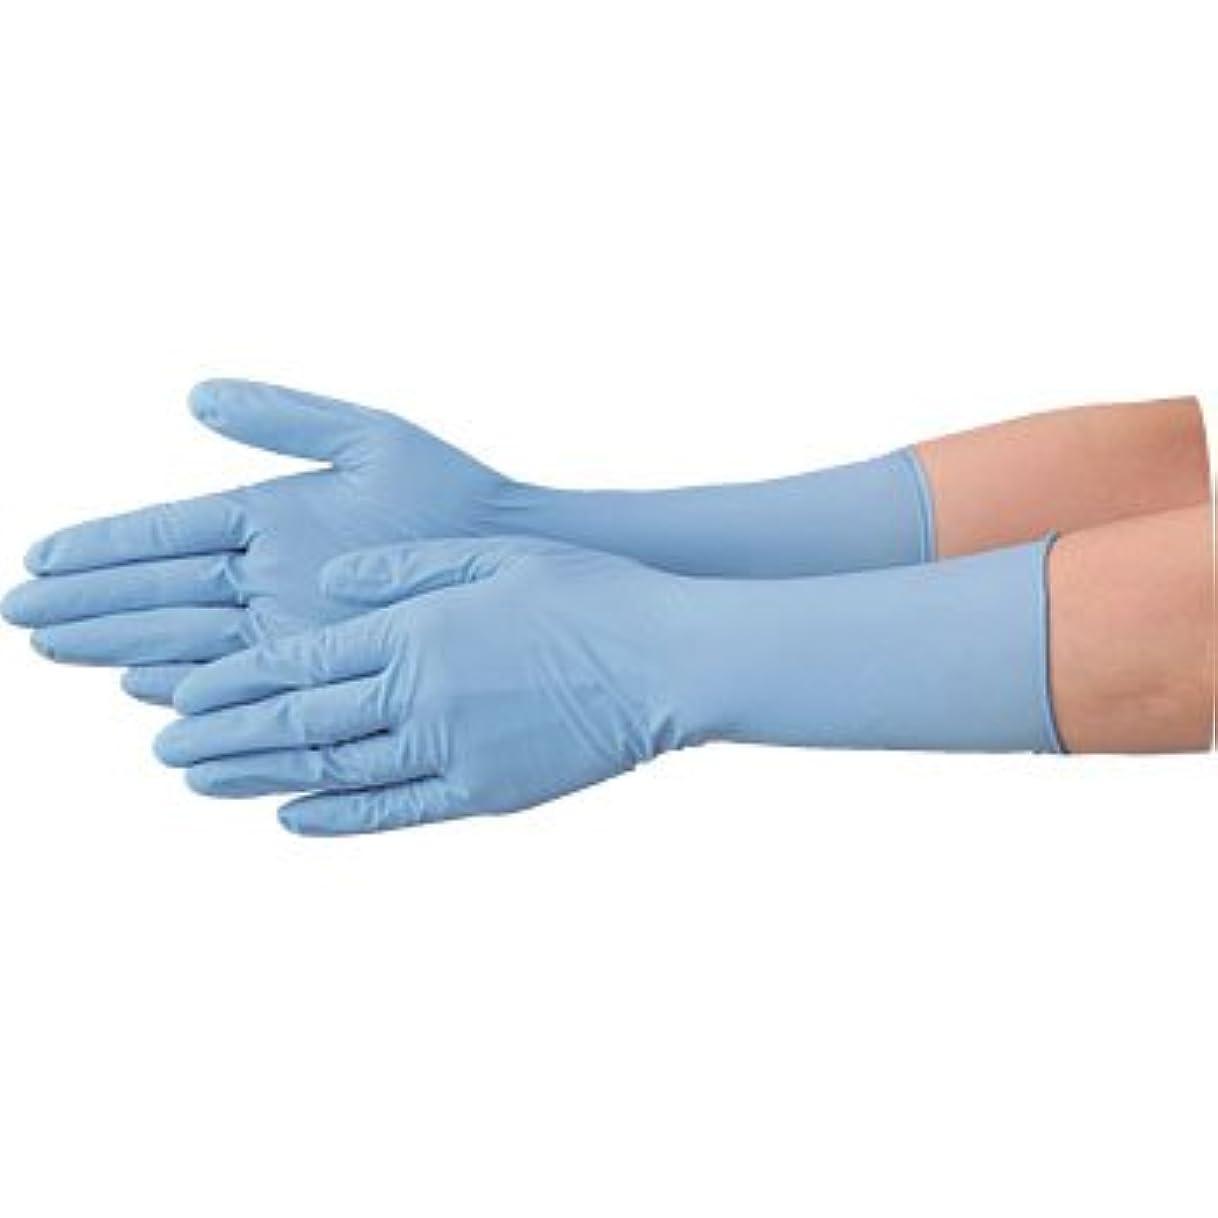 お尻ラフトビュッフェ使い捨て 手袋 エブノ 528 ニトリル ロング手袋 パウダーフリー 全長29cm ブルー Lサイズ 2ケース(100枚×40箱)